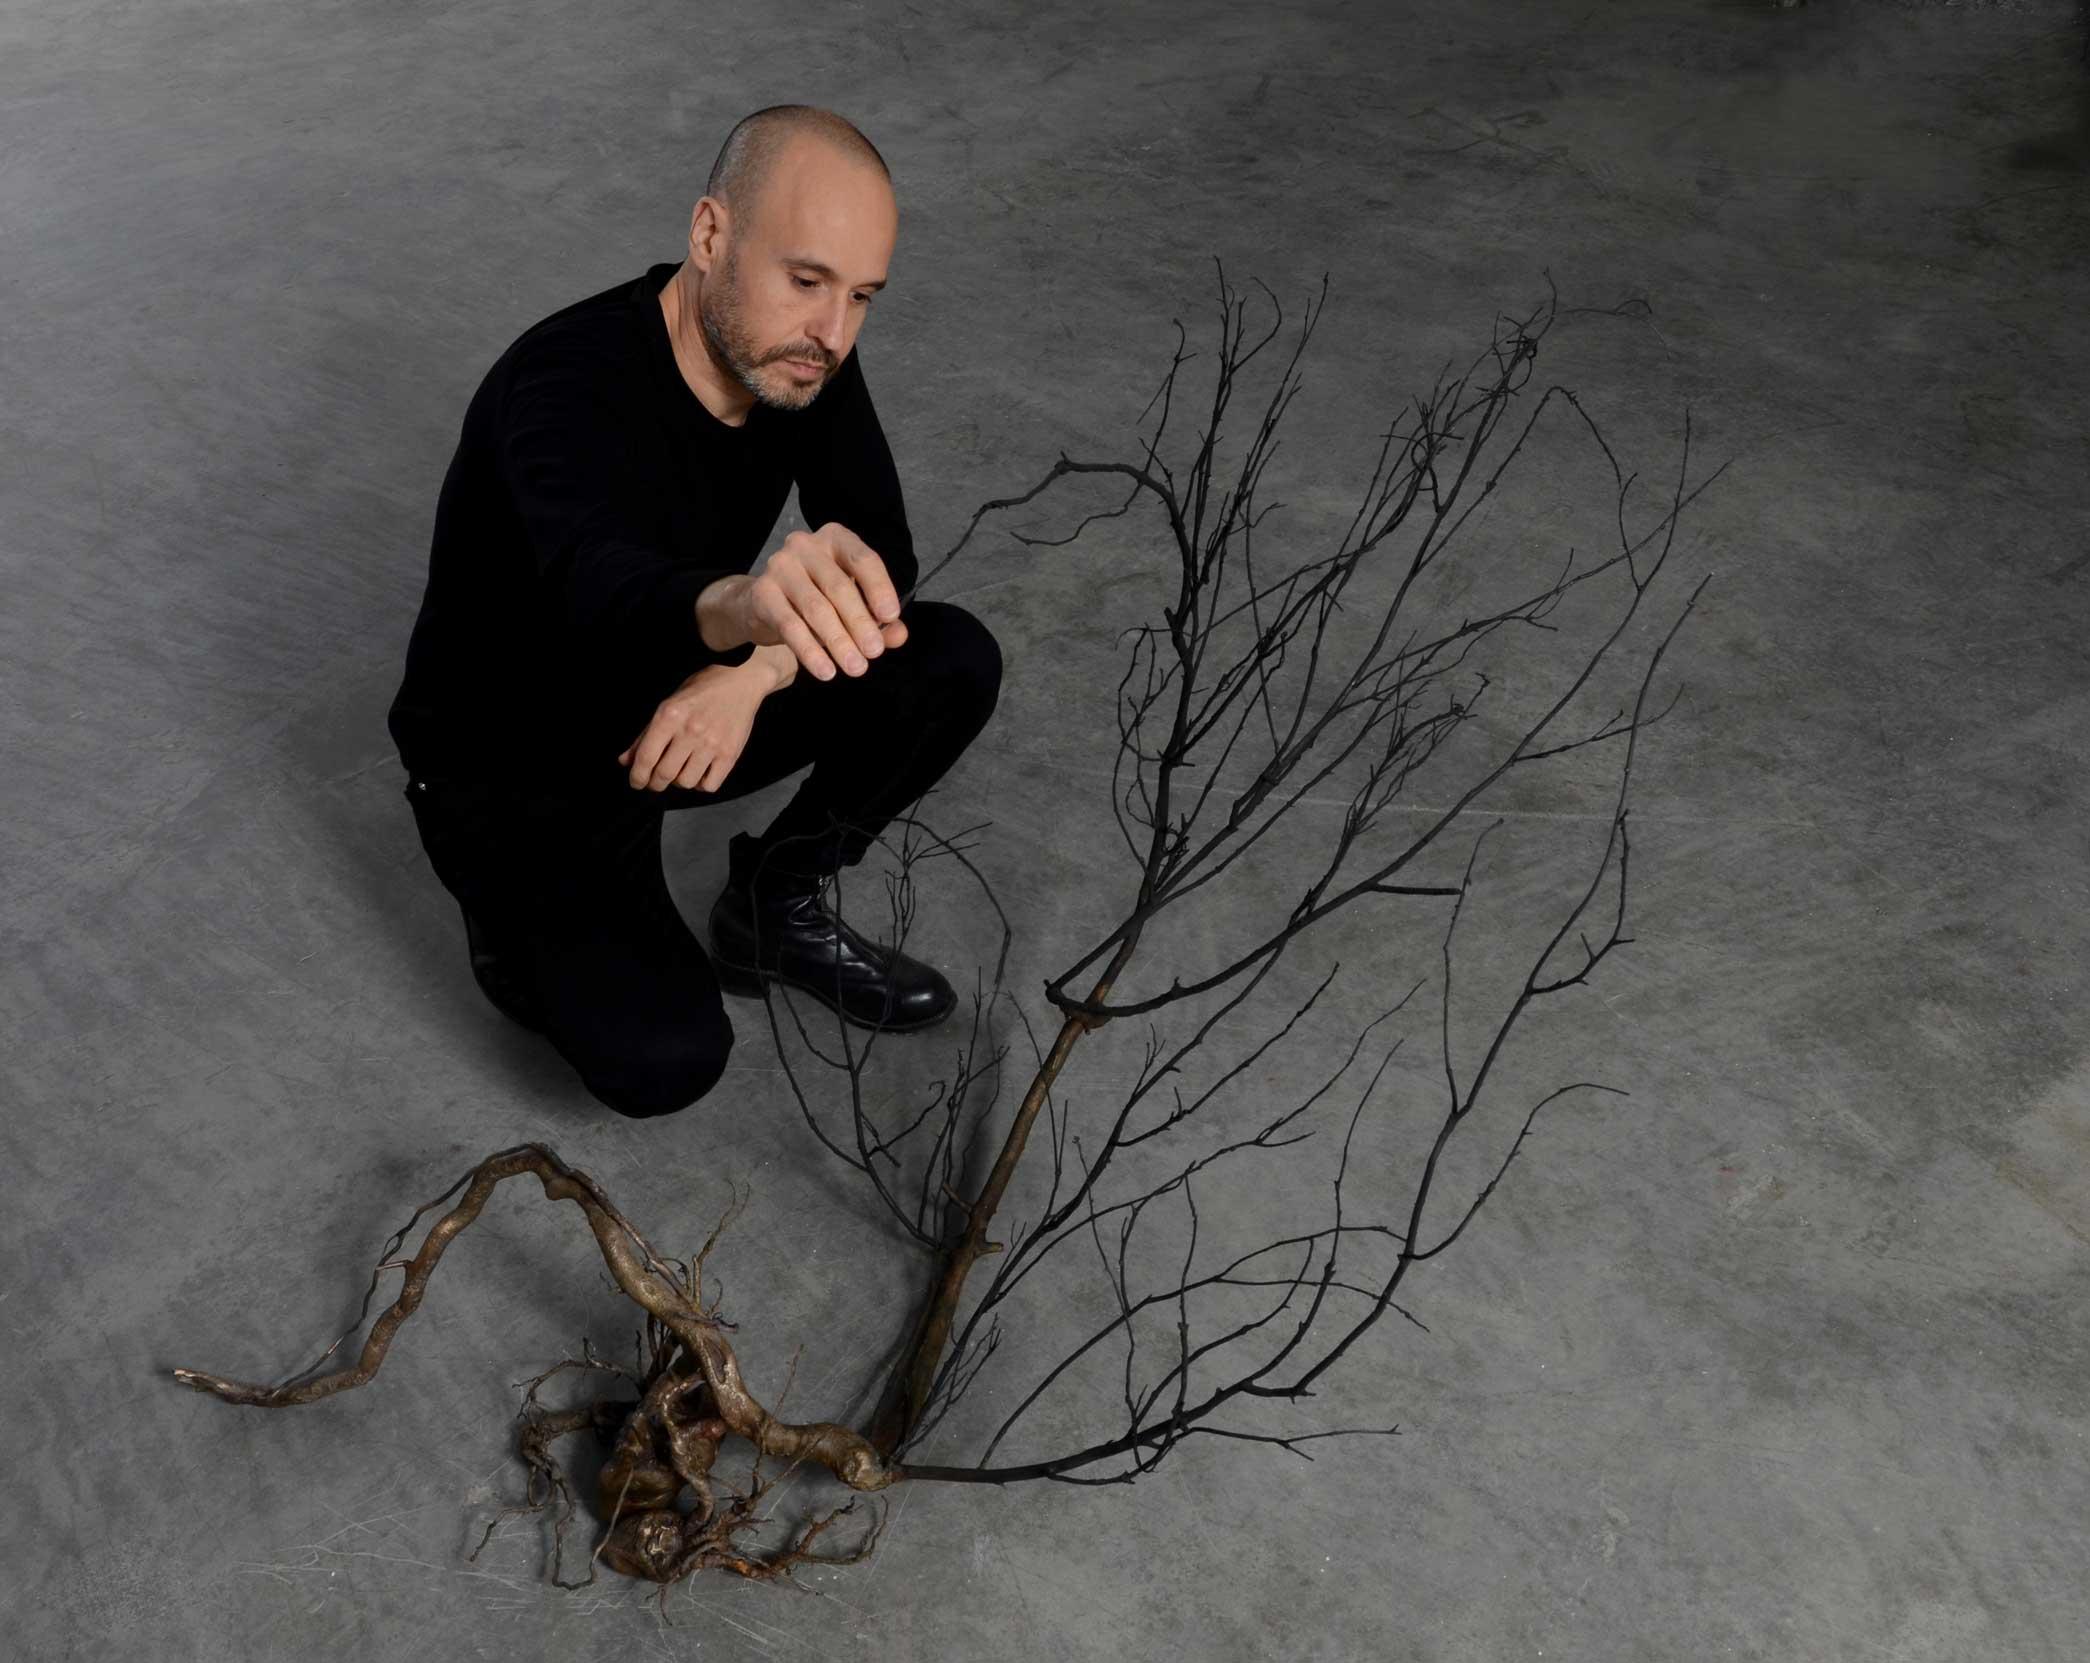 El escultor Javier Pérez con su obra, Doble Latido, realizada en Alfa Arte. Bronce y acero inoxidable.